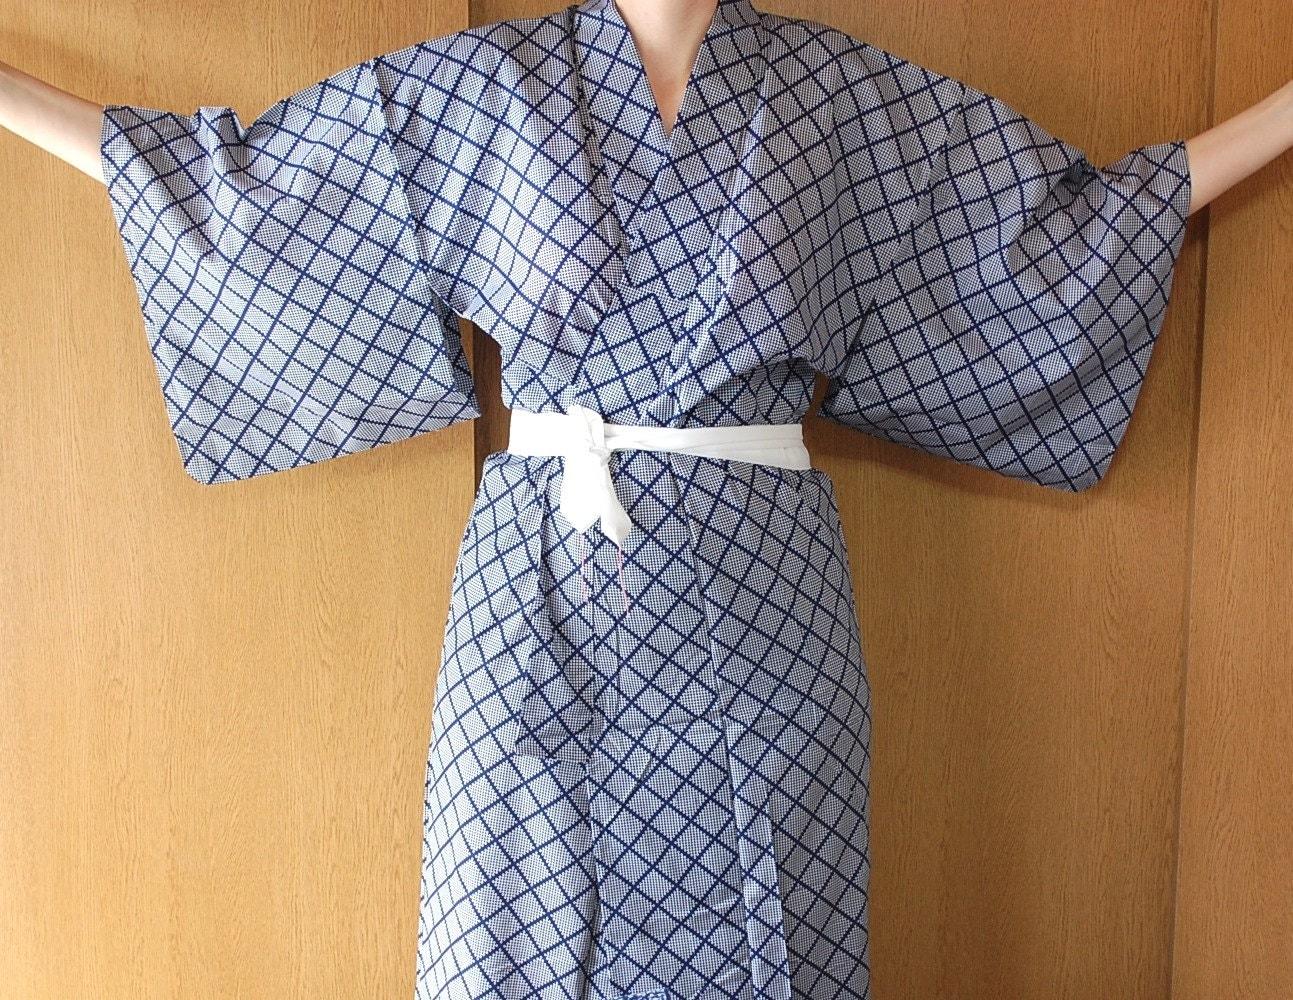 Yukata Japanese Cotton Kimono Robe Loungewear Dressing Gown